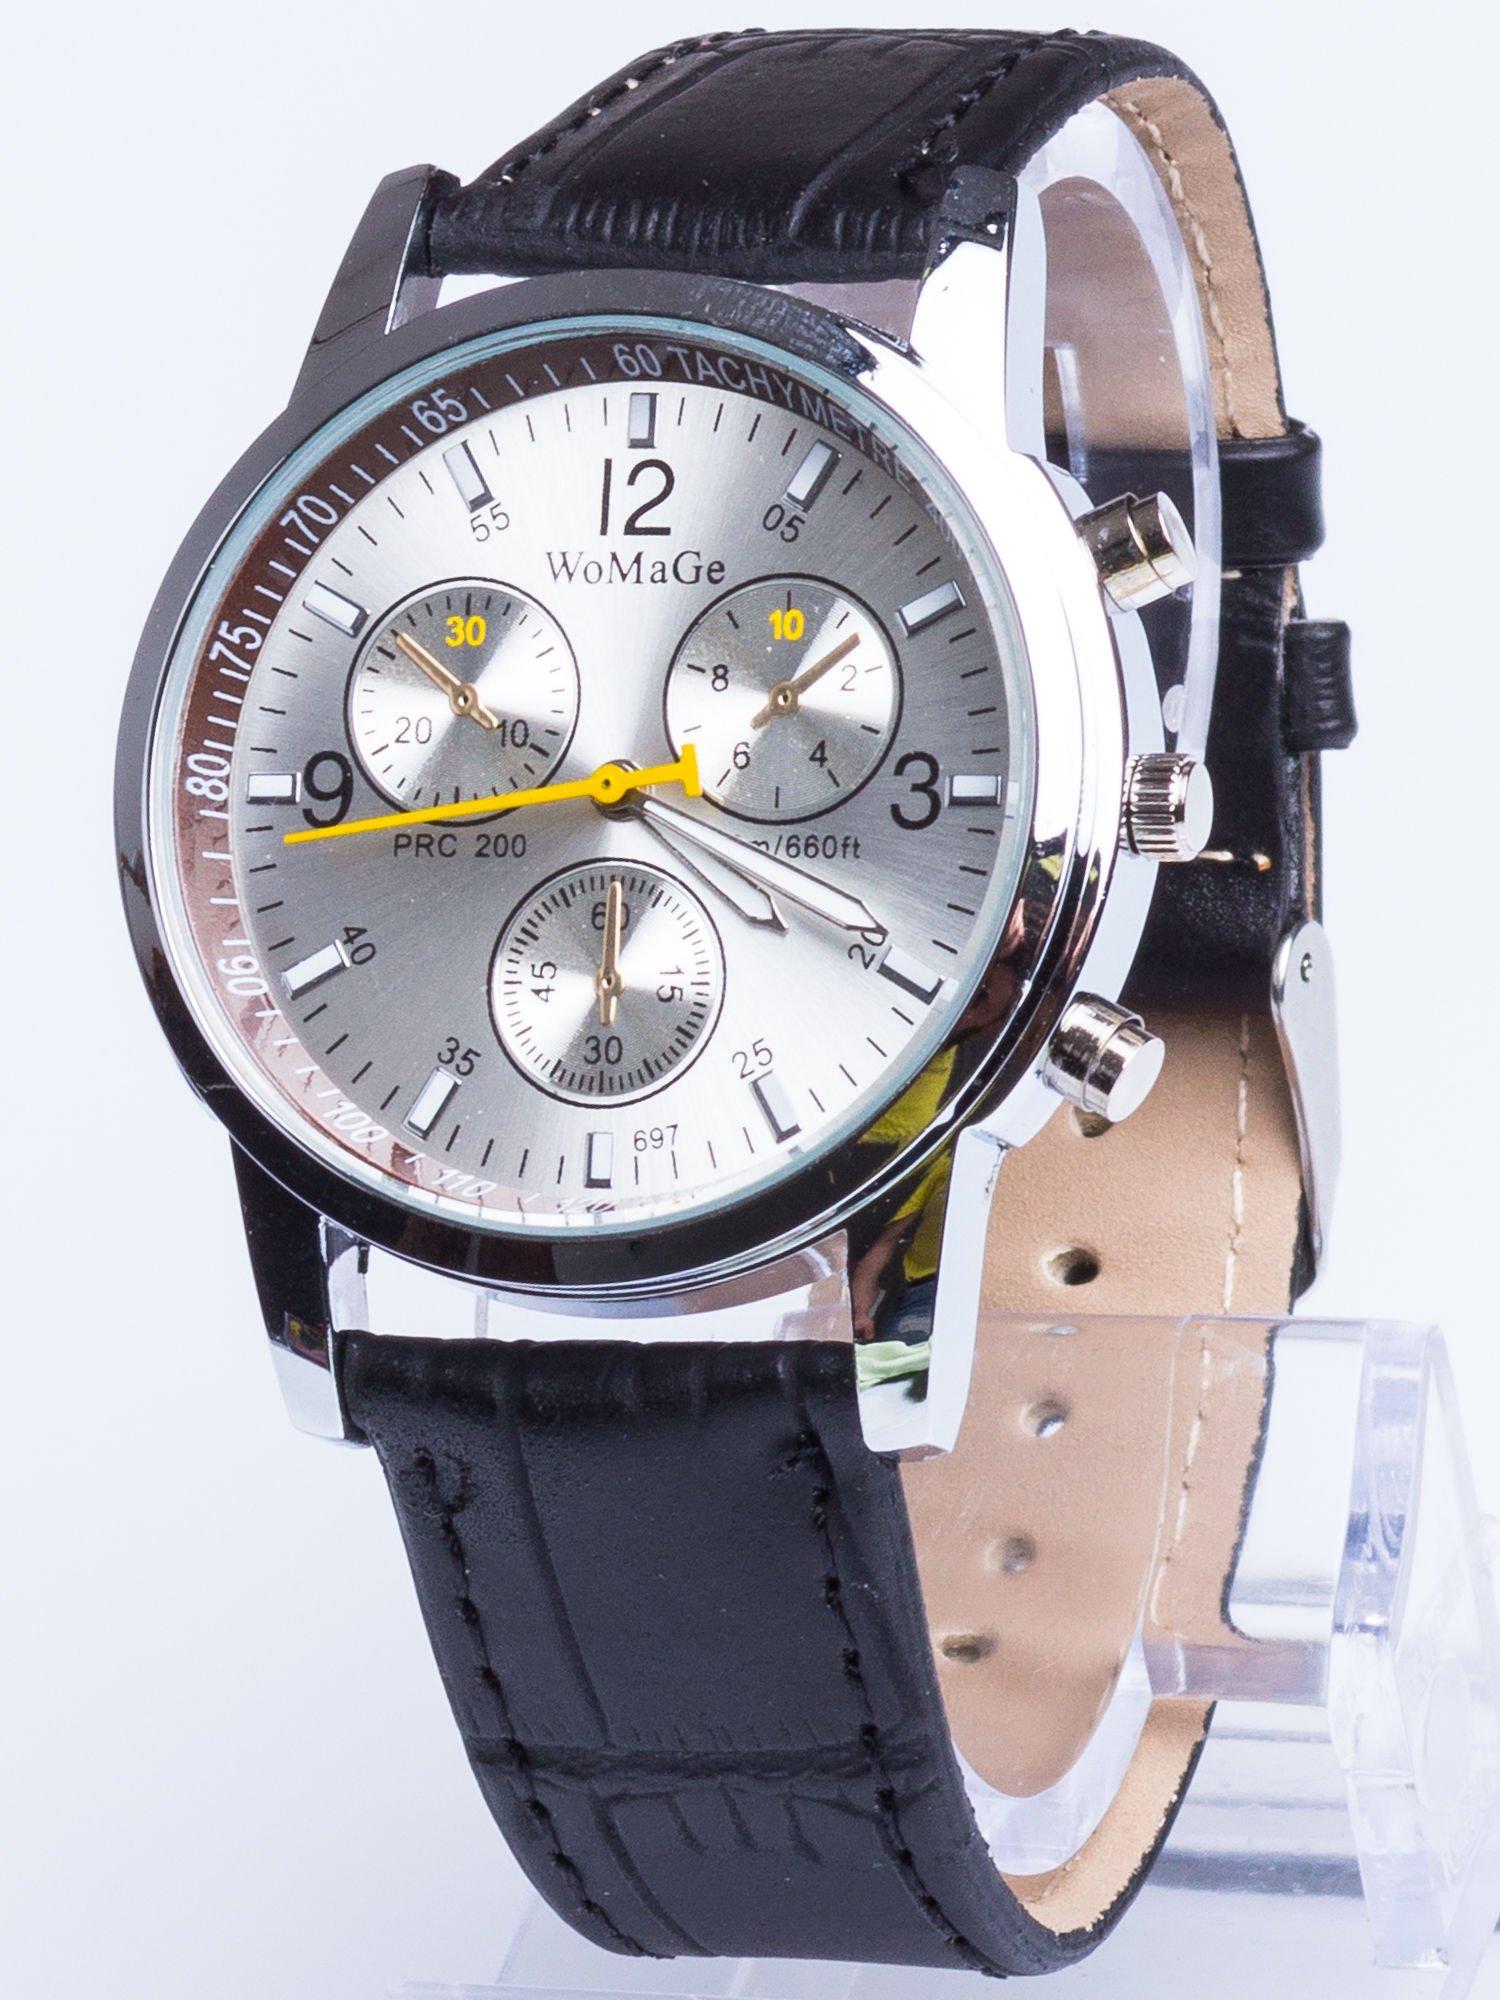 Cudny srebrny zegarek damski z ozdobnym tachometrem                                  zdj.                                  1